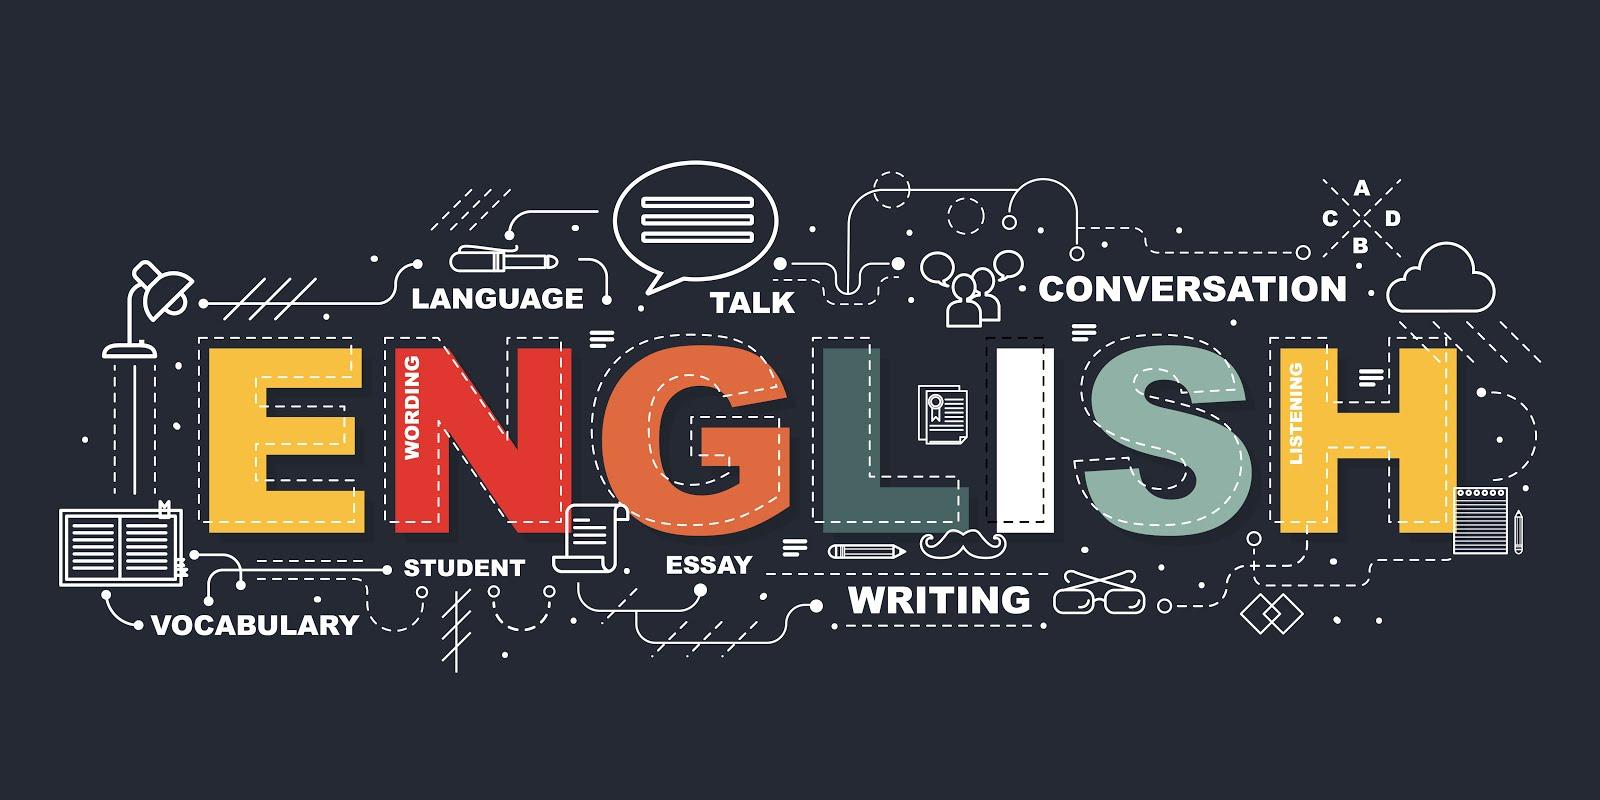 تحميل اوراق عمل اللغه الانجليزيه الفصل الدراسي الاول للصف الرابع .